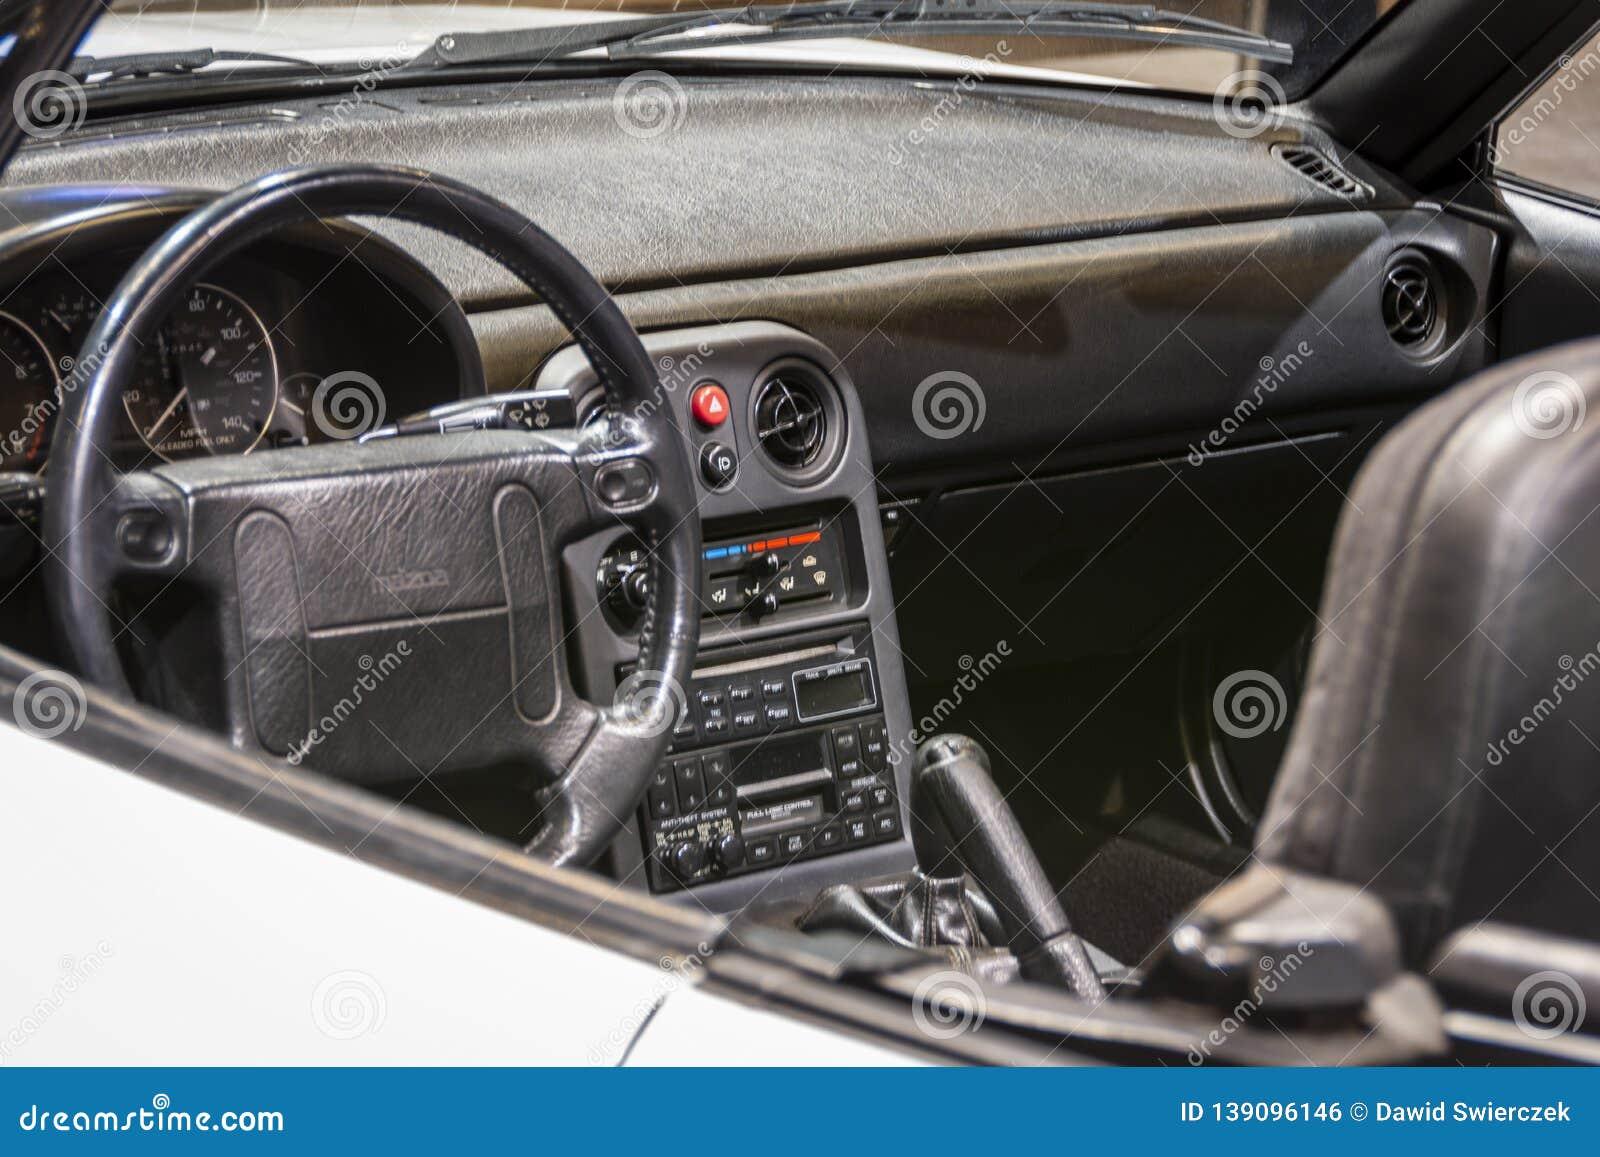 Mazda Miata 1990 a CAS19